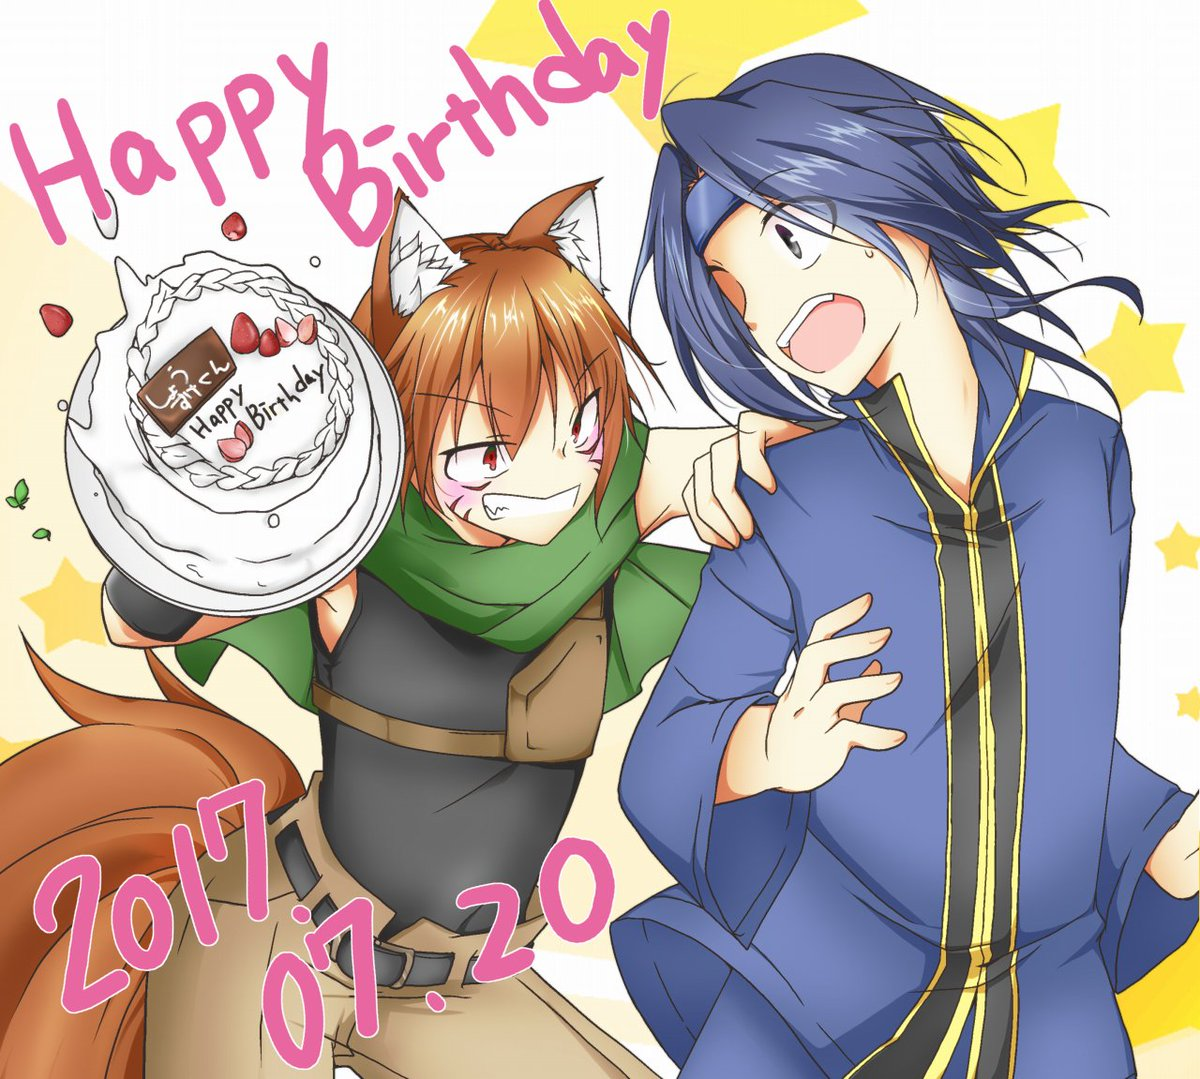 小竜誕生日おめでとう!!一途で頑張り屋な小竜が大好きです!! #loghorizon #ログホラ誕生日